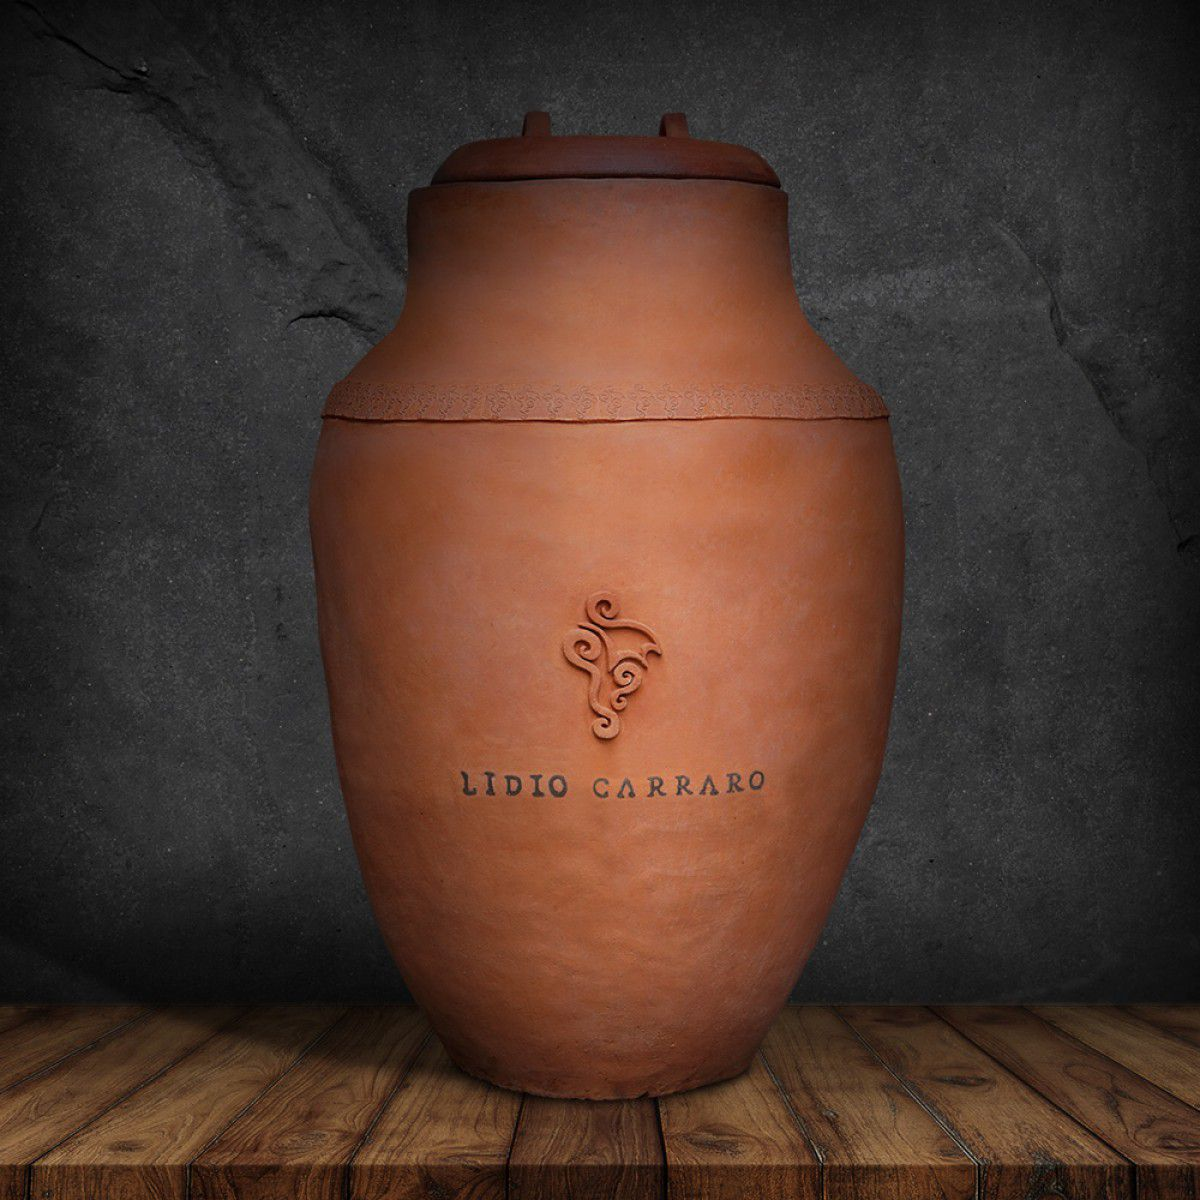 Pré-venda - Primeiro Vinho de ânfora do Brasil - Cota com 2 garrafas de 750ml  - BOUTIQUE LIDIO CARRARO